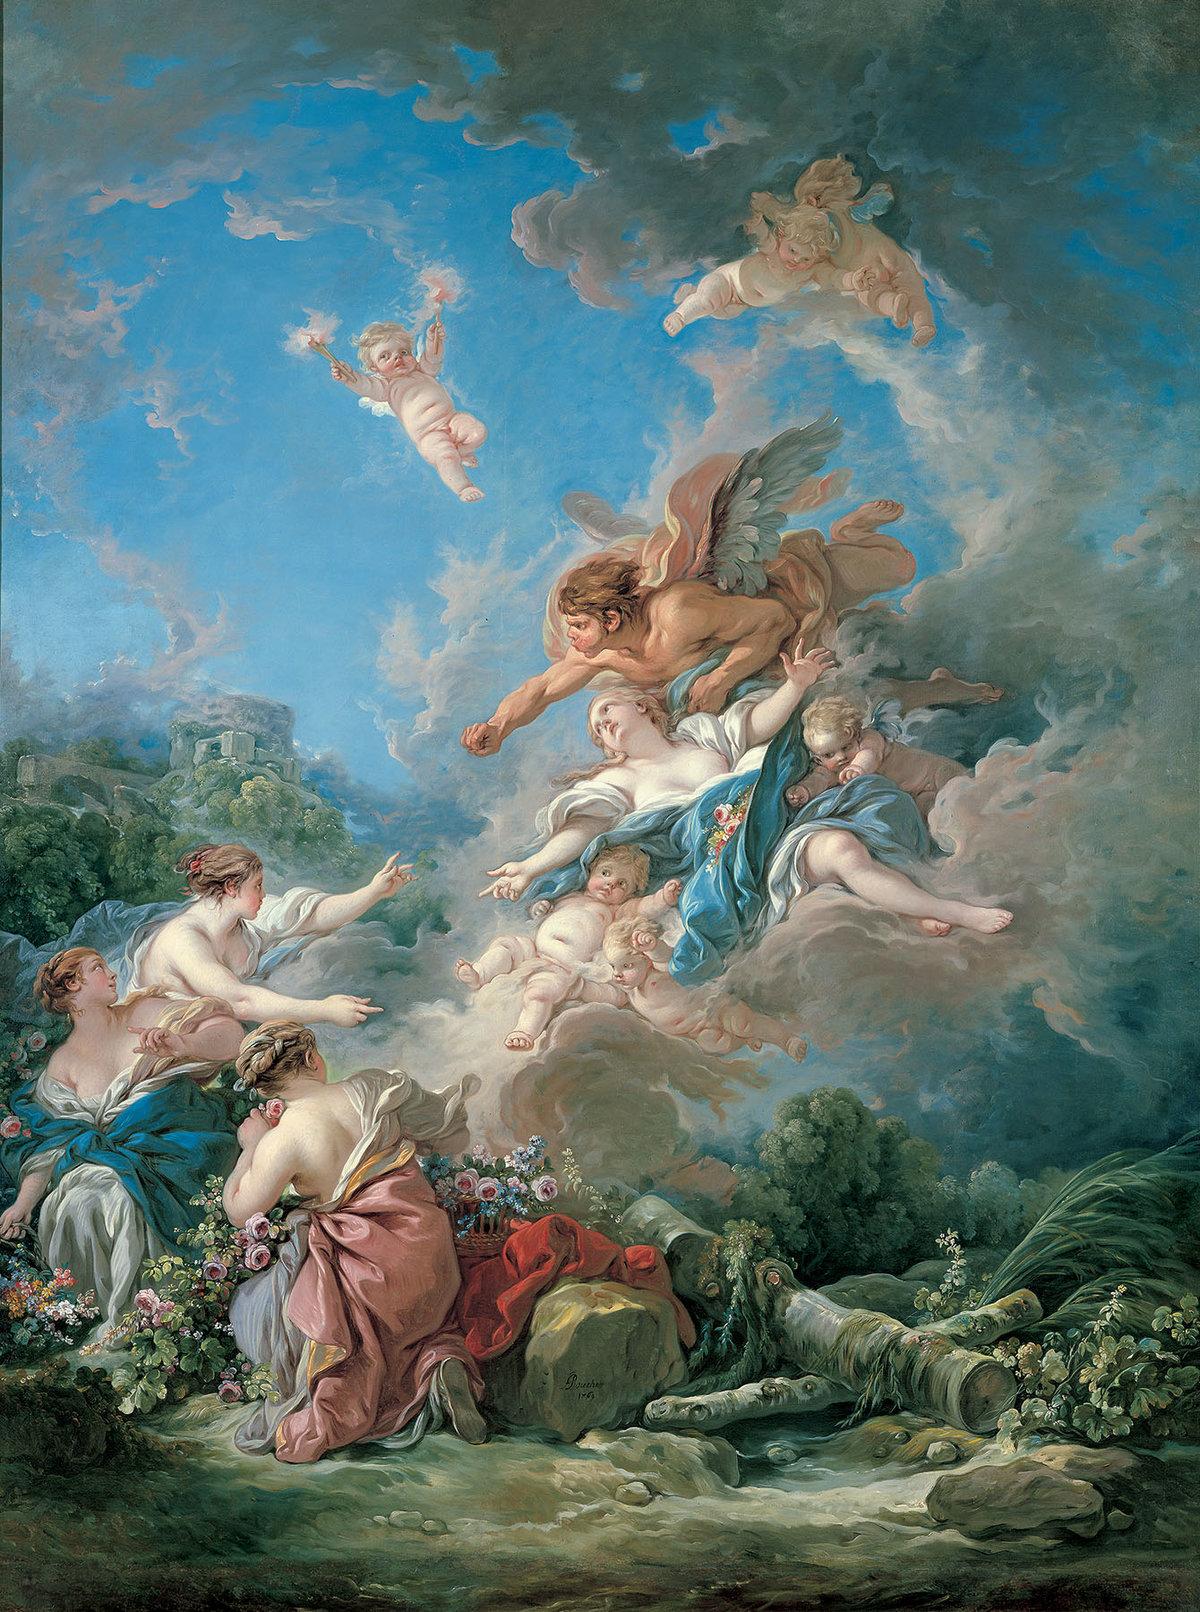 декупажные картинки античные боги и ангелы выставки говорит